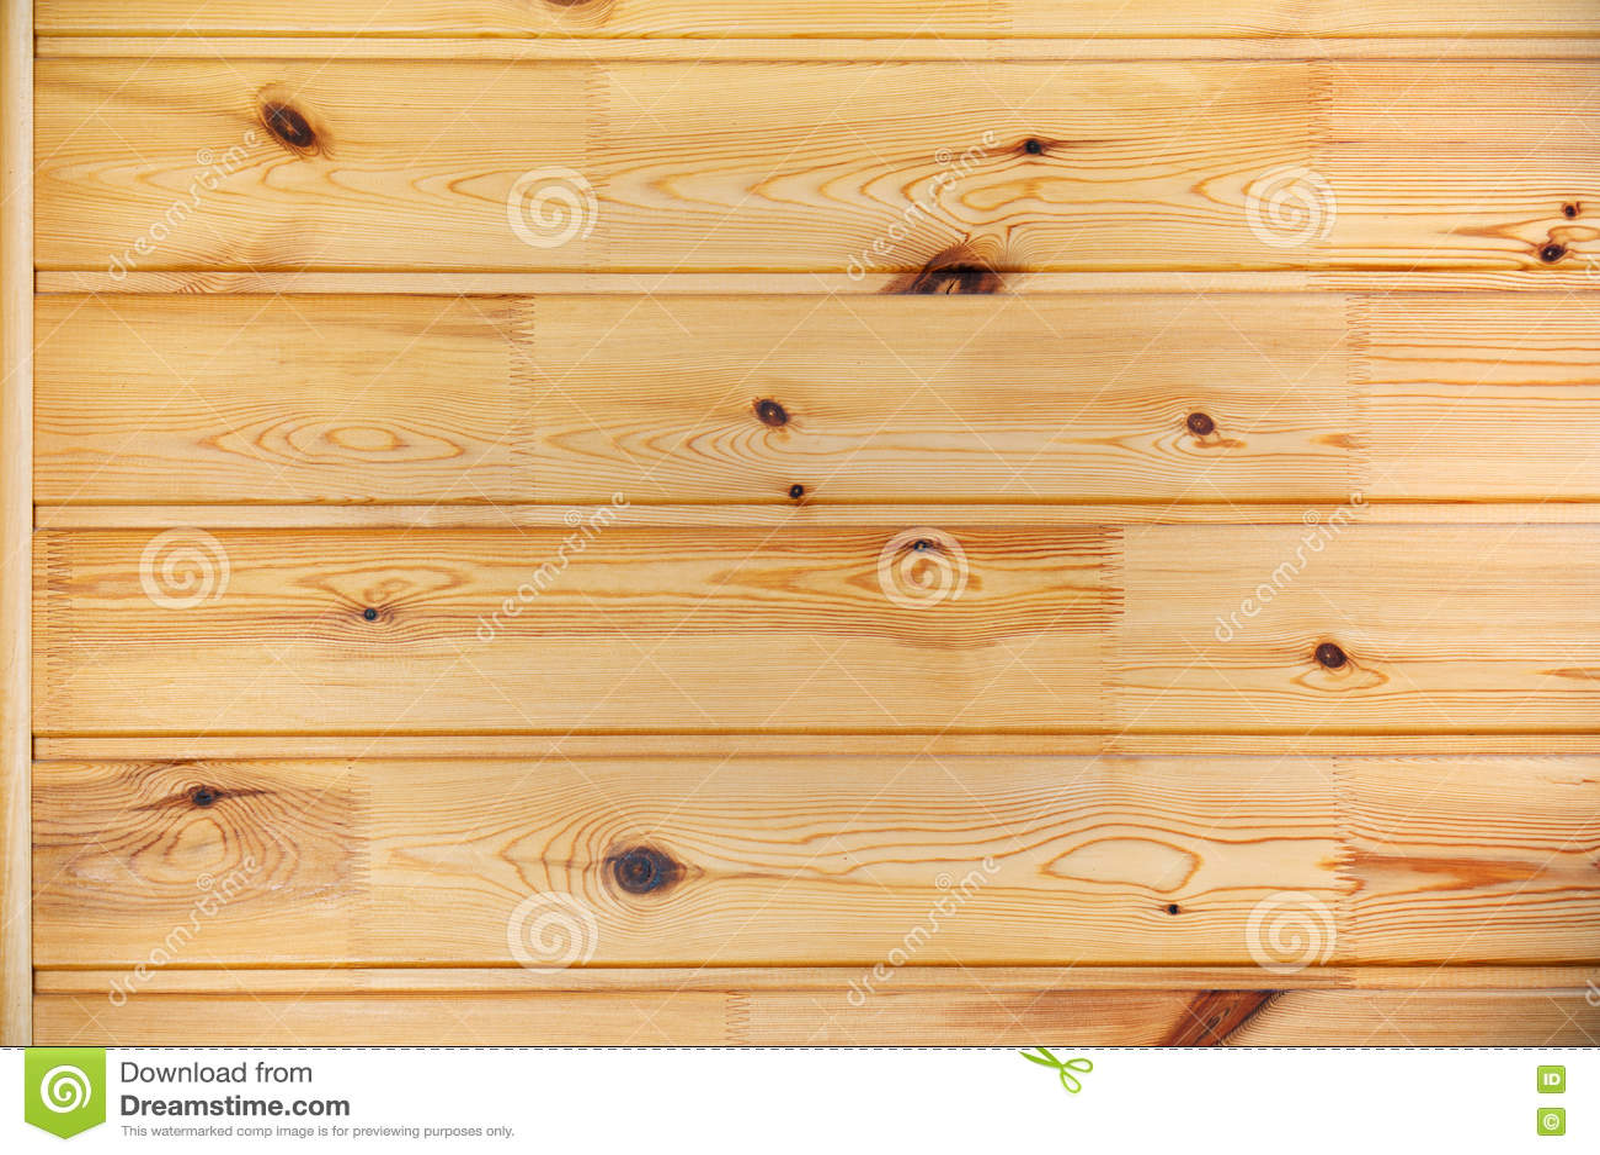 fond clair de planche en bois de pin photos stock inscription gratuite. Black Bedroom Furniture Sets. Home Design Ideas